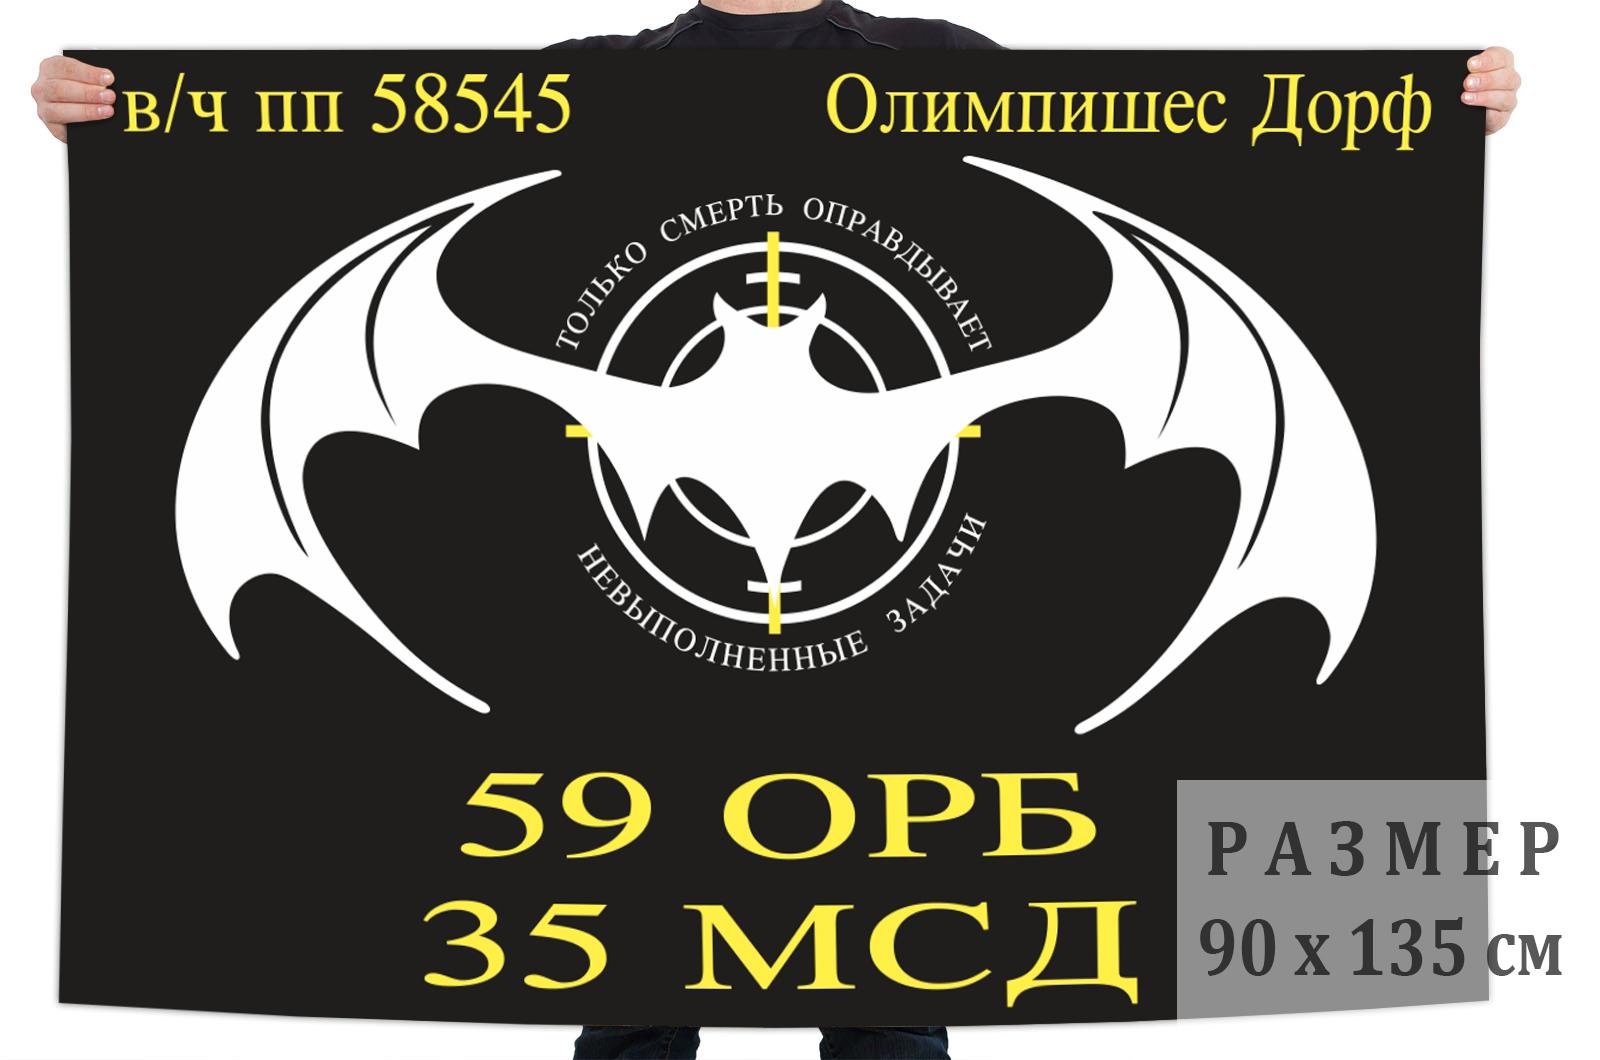 Флаг 59 отдельного разведывательного батальона 35 МСД